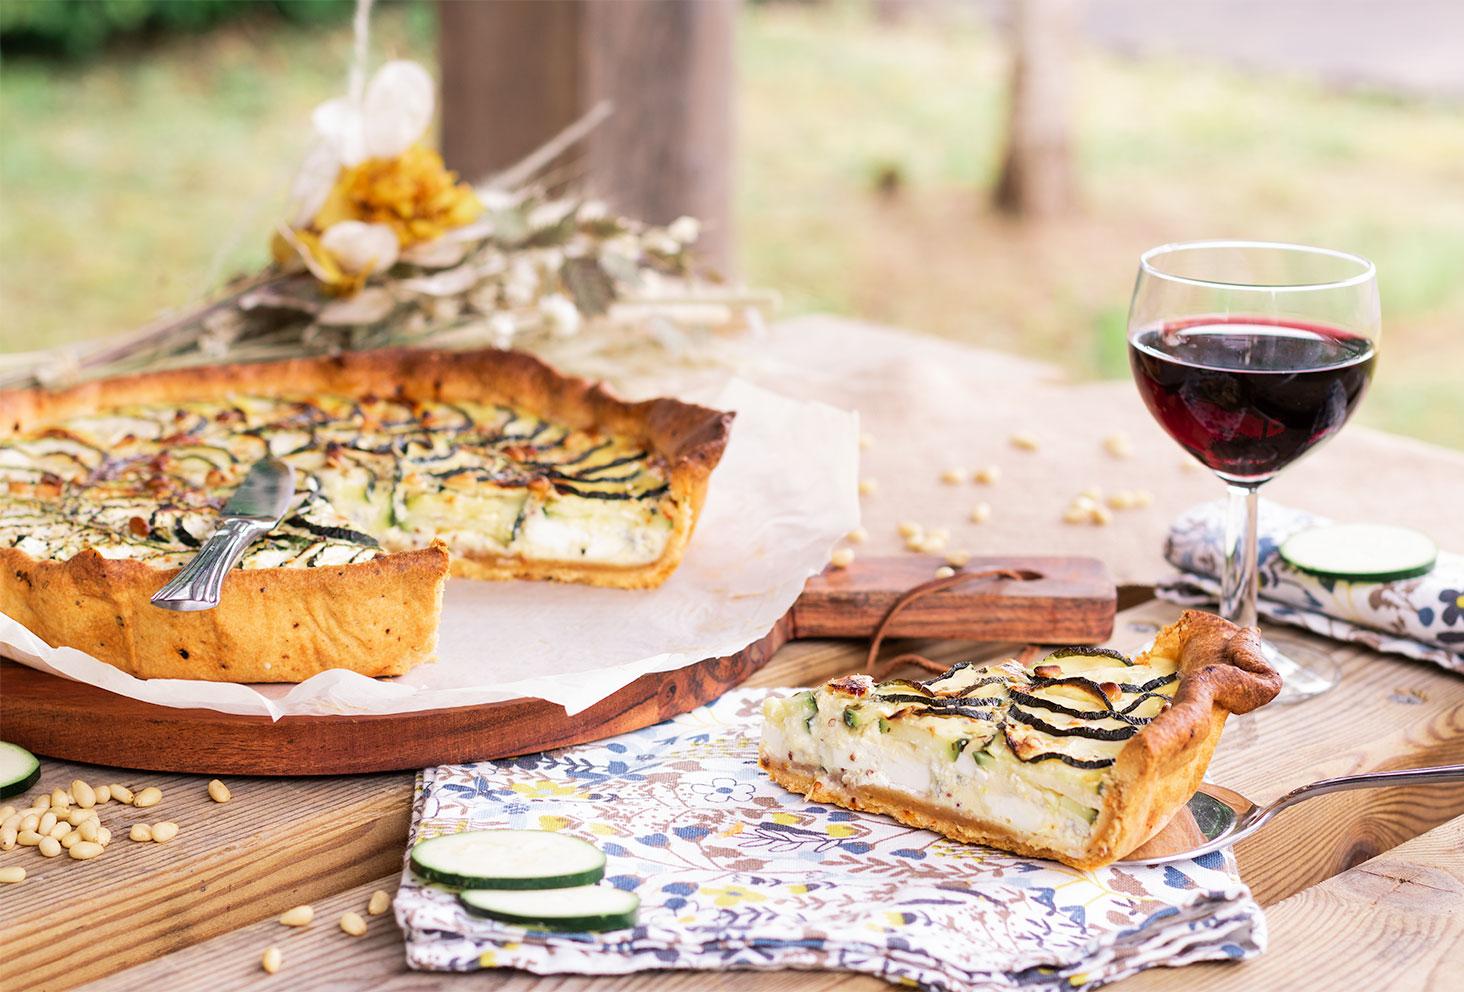 Une part de tarte aux courgettes coupée et posé sur une pelle à tarte, qui est elle même posé sur une serviette en tissu fleurit, au milieu d'un pique-nique champêtre